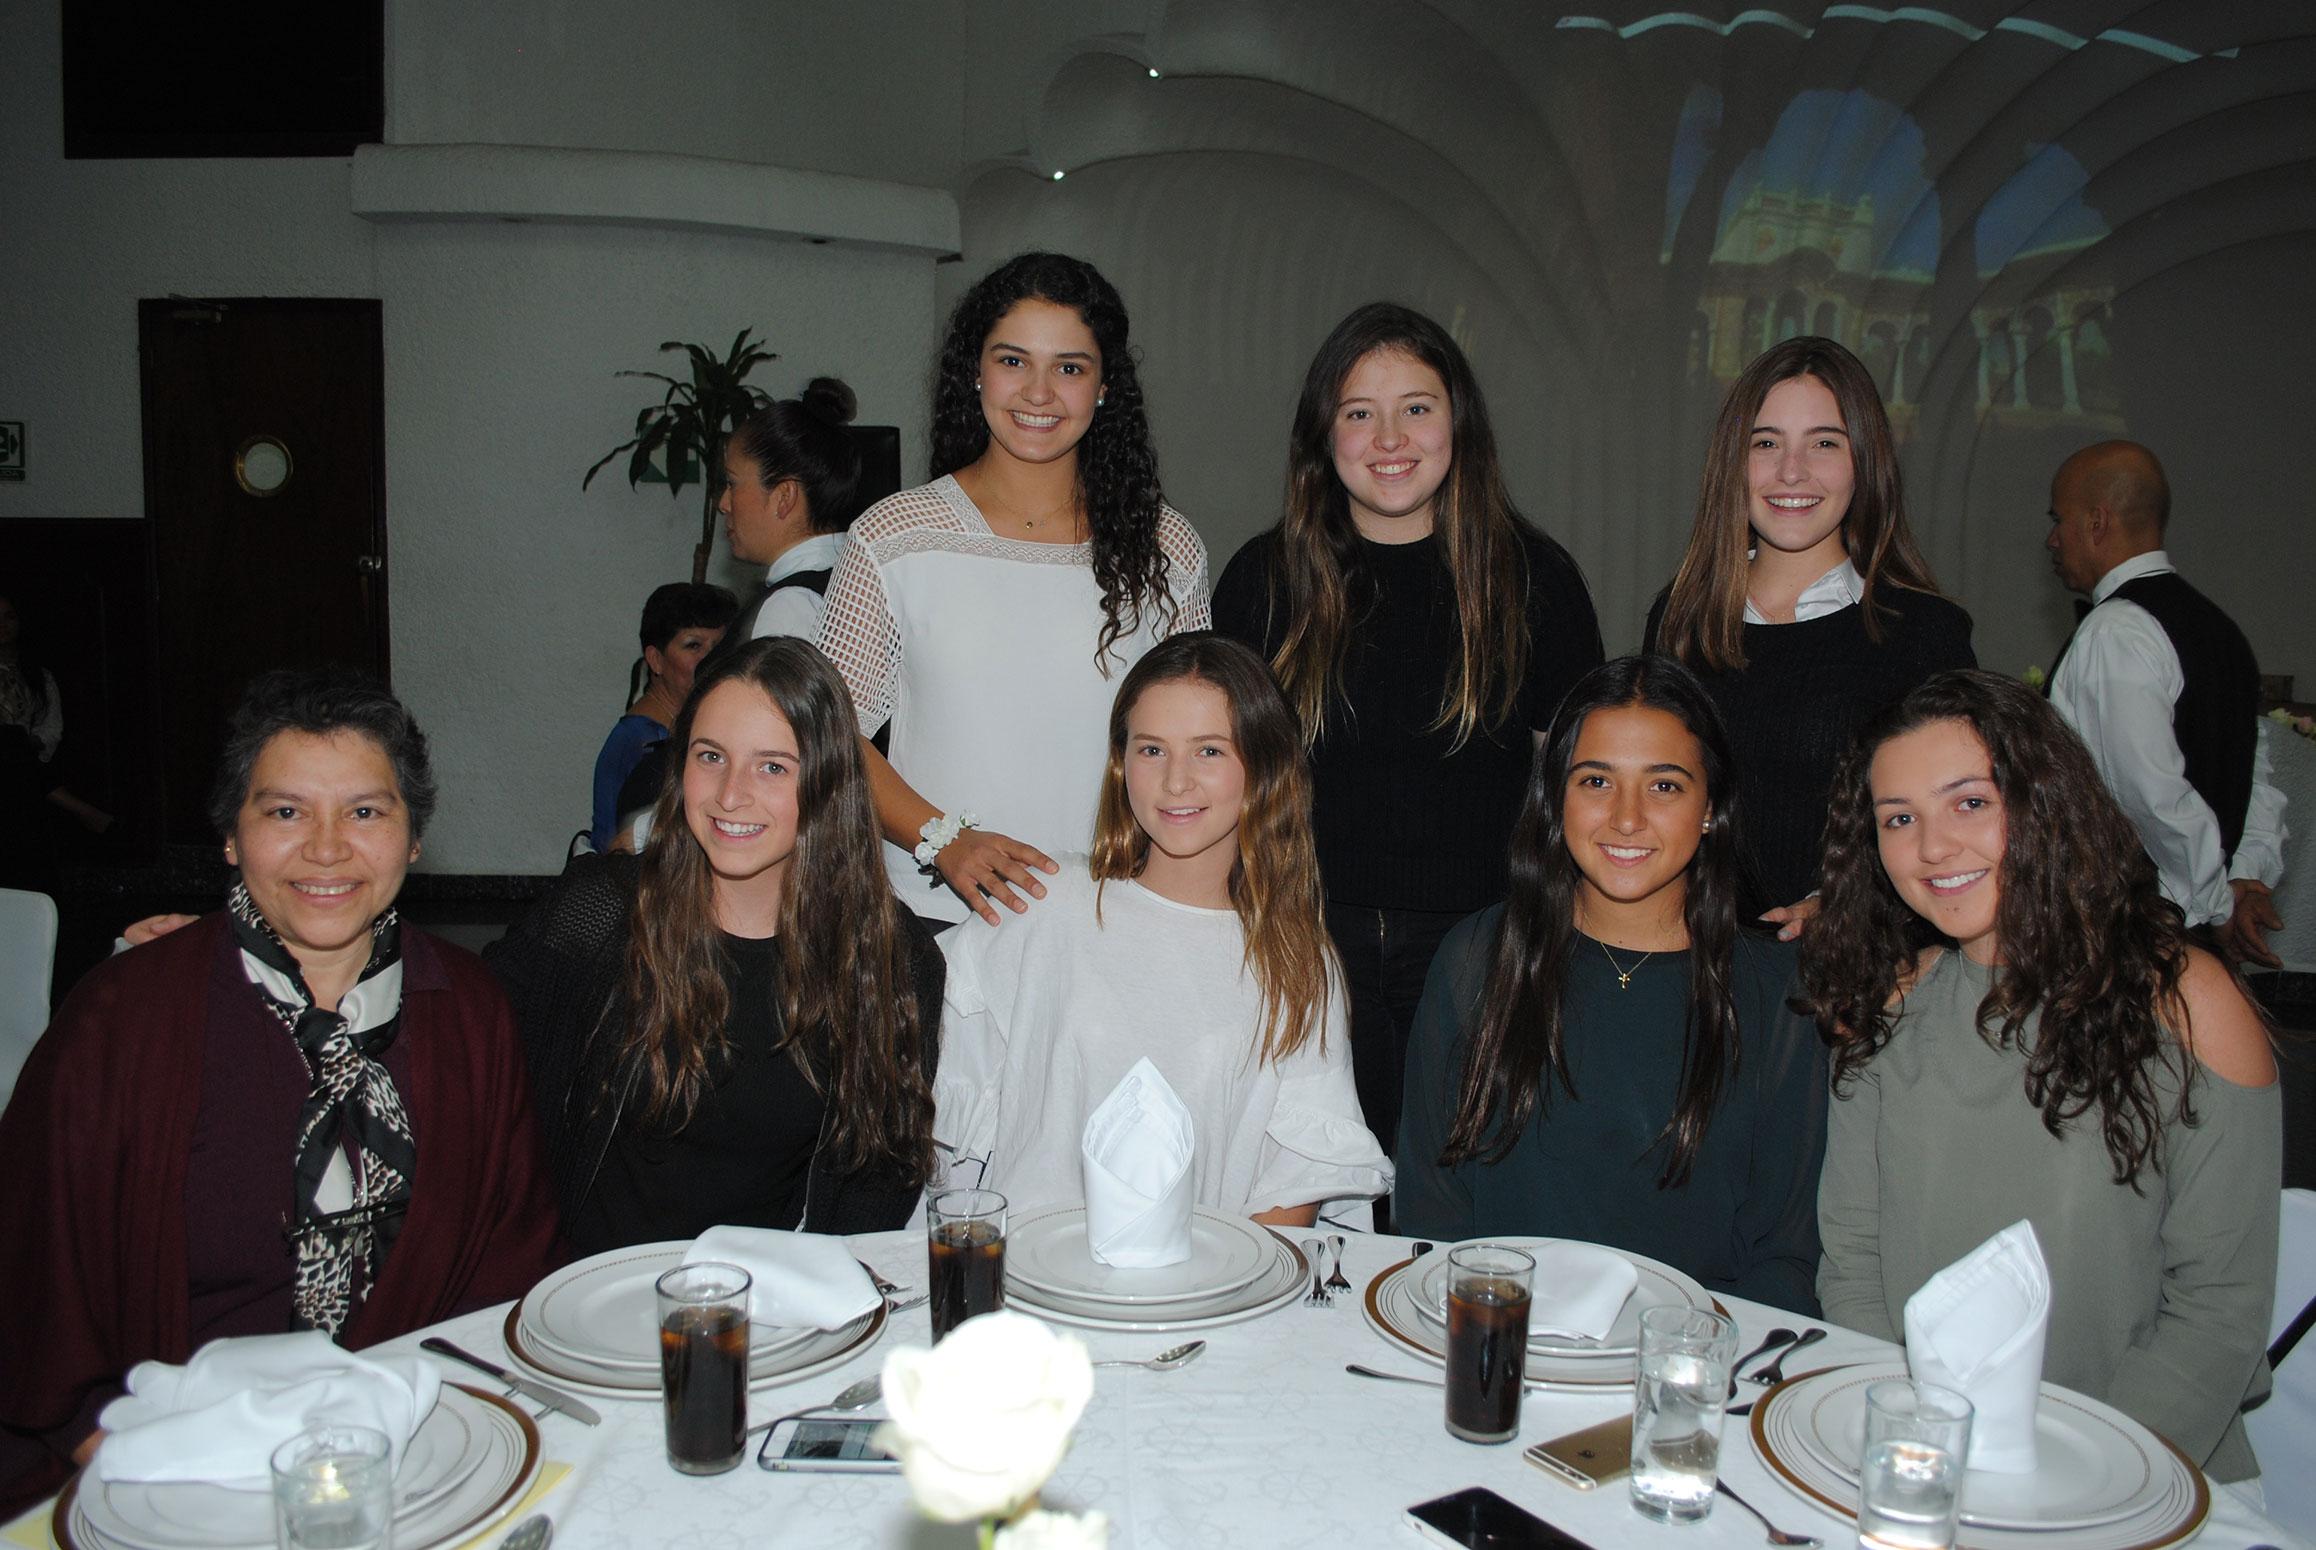 Adelante: Nilma Herrera, Paula Casanueva, Verónica de la Macorra, Maite González y Regina Montemayor. Atrás: Ximena Van, Julia Ramírez y Natalia Díaz